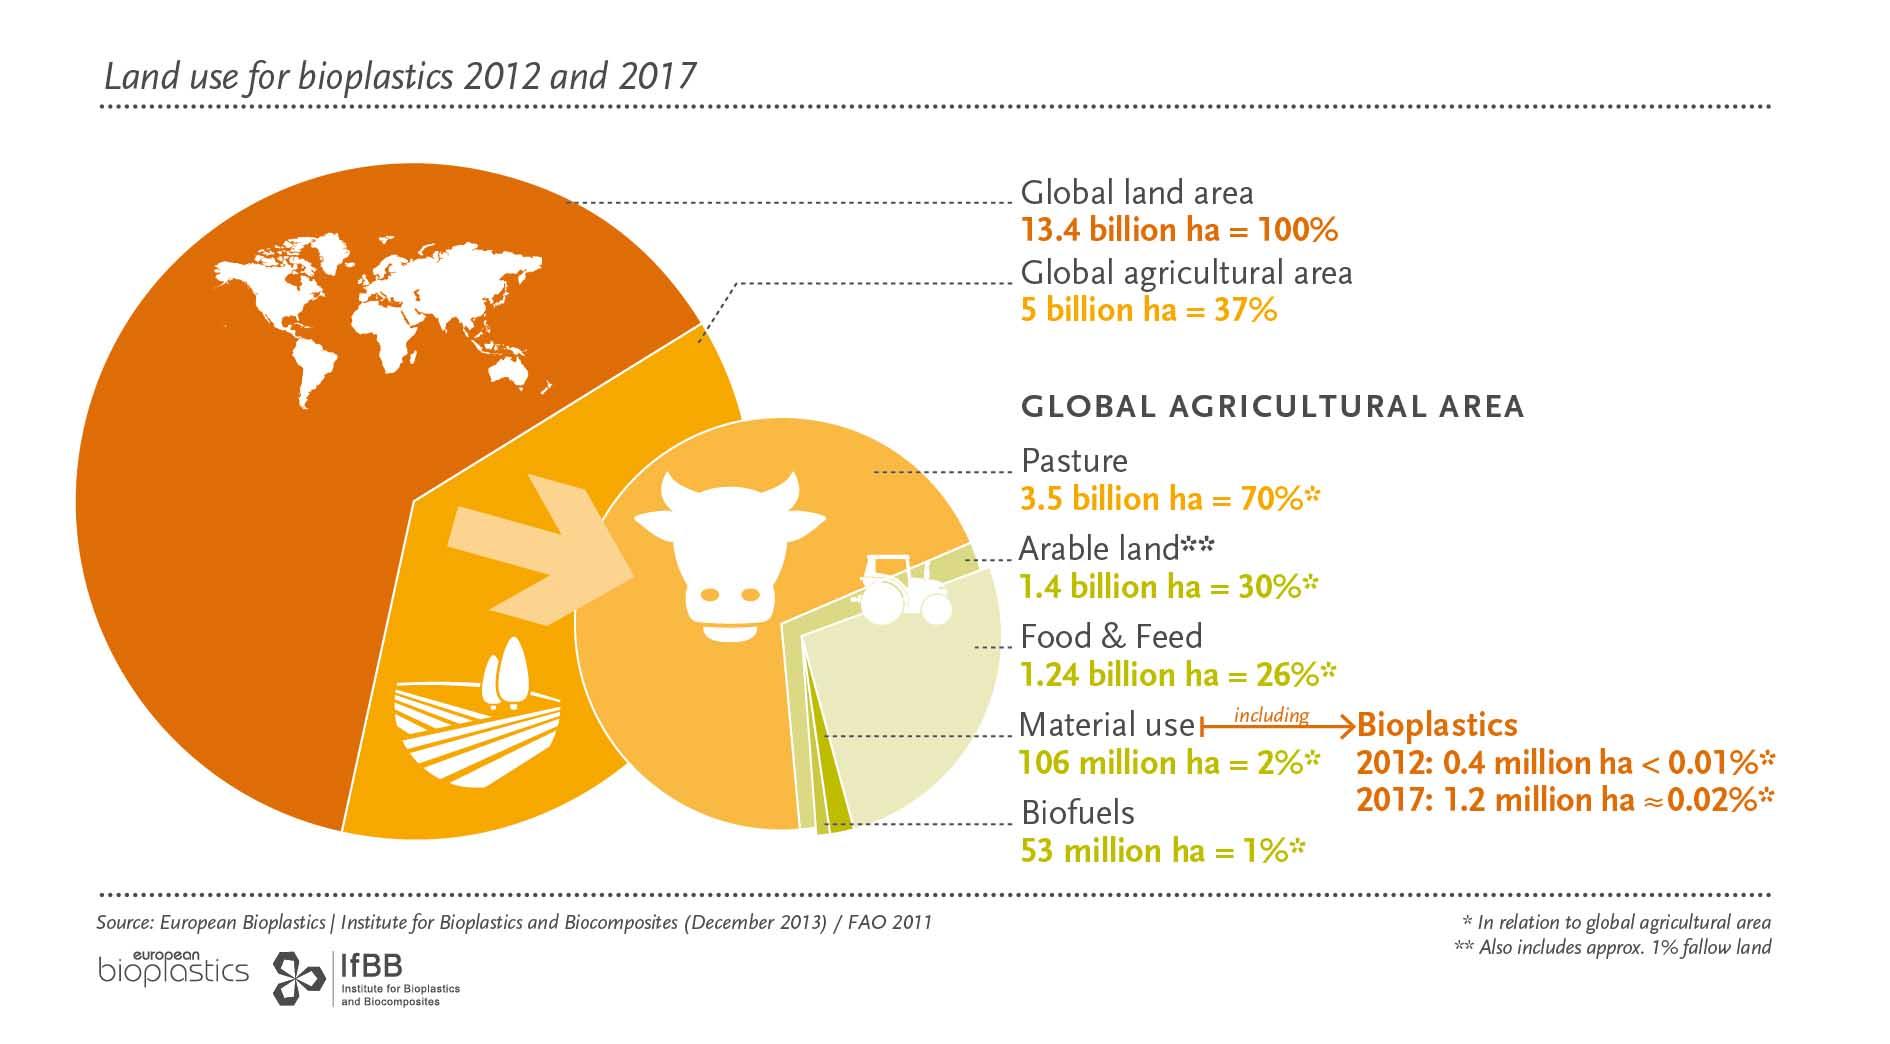 37% de la tierra cultivable para agricultura. La destinada a bioplásticos, es 0,02%.